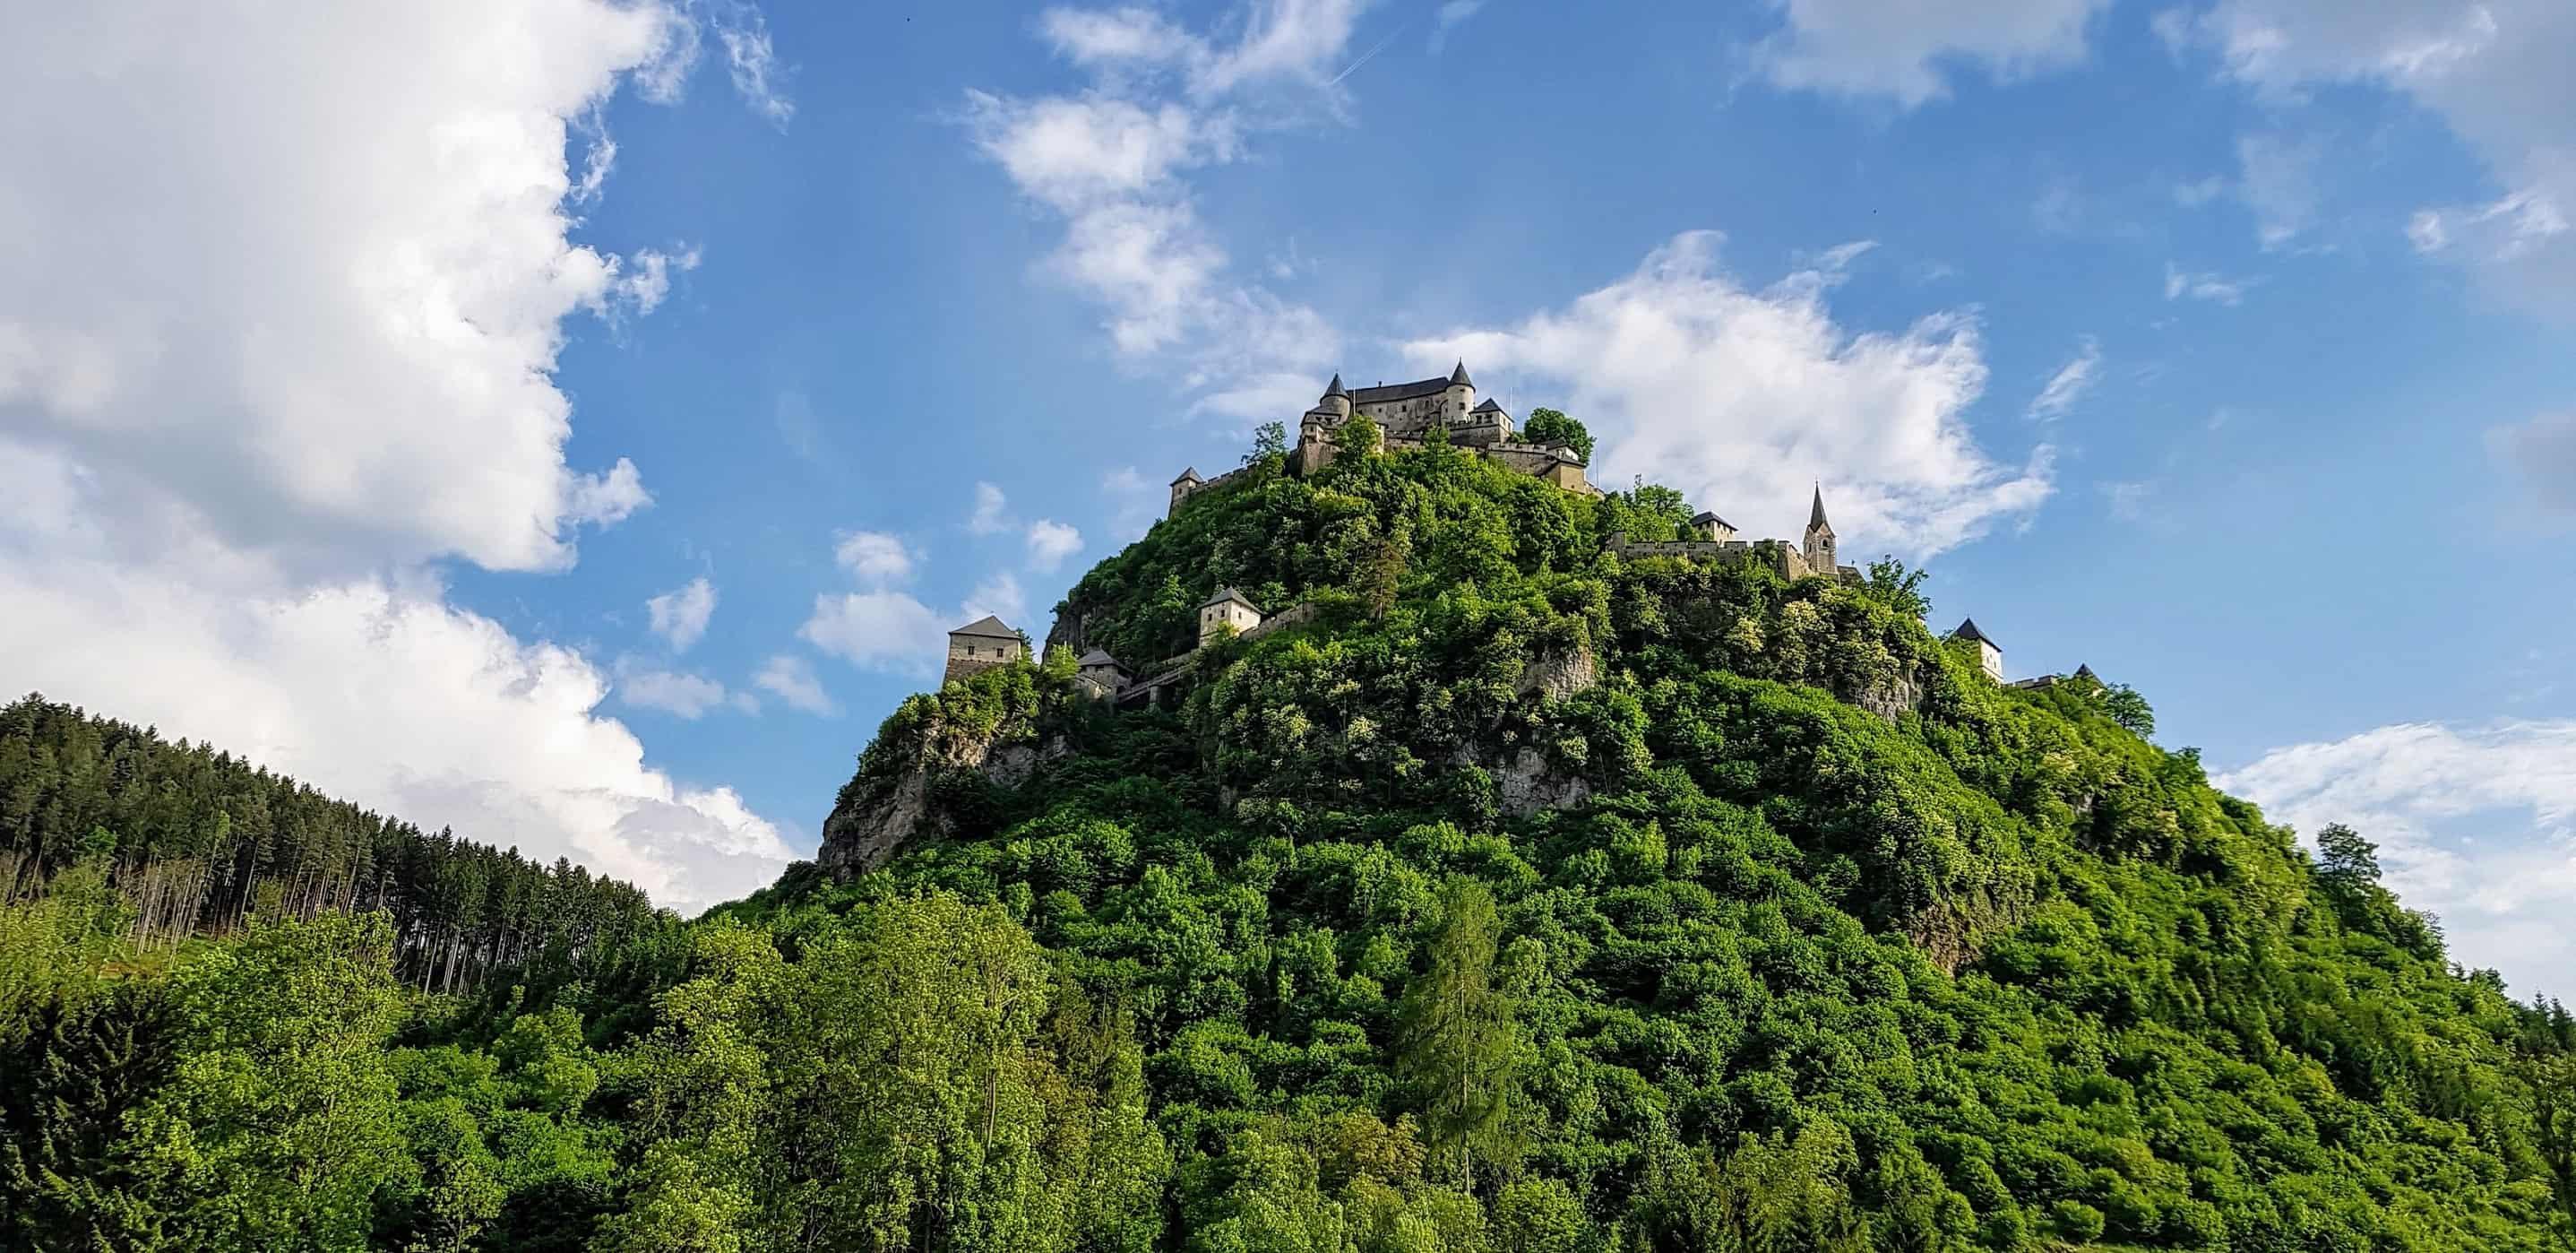 Kärntens TOP Ausflugsziele - Burg Hochosterwitz Mittelkärnten - Längsee, Nähe St. Veit